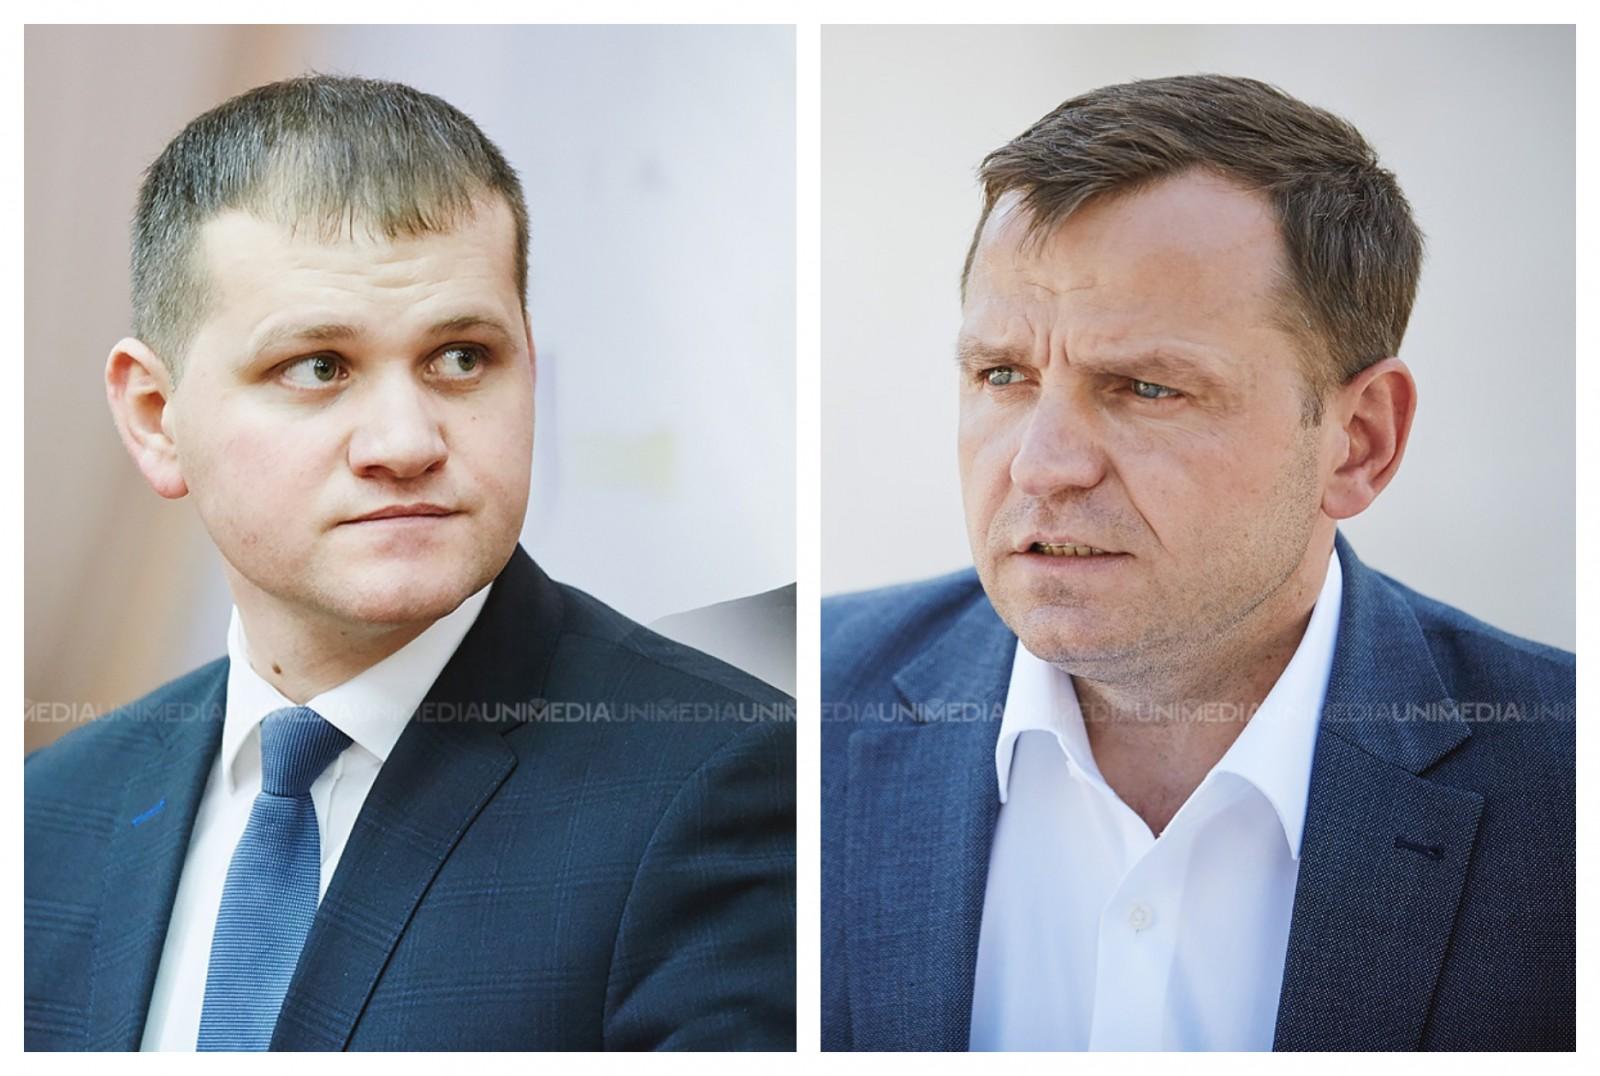 """Valeriu Munteanu îl provoacă pe Andrei Năstase: """"Îţi propun să participăm împreună la o dezbatere. Eu chiar îţi vreau binele. Gândeşte-te, Andrei"""""""